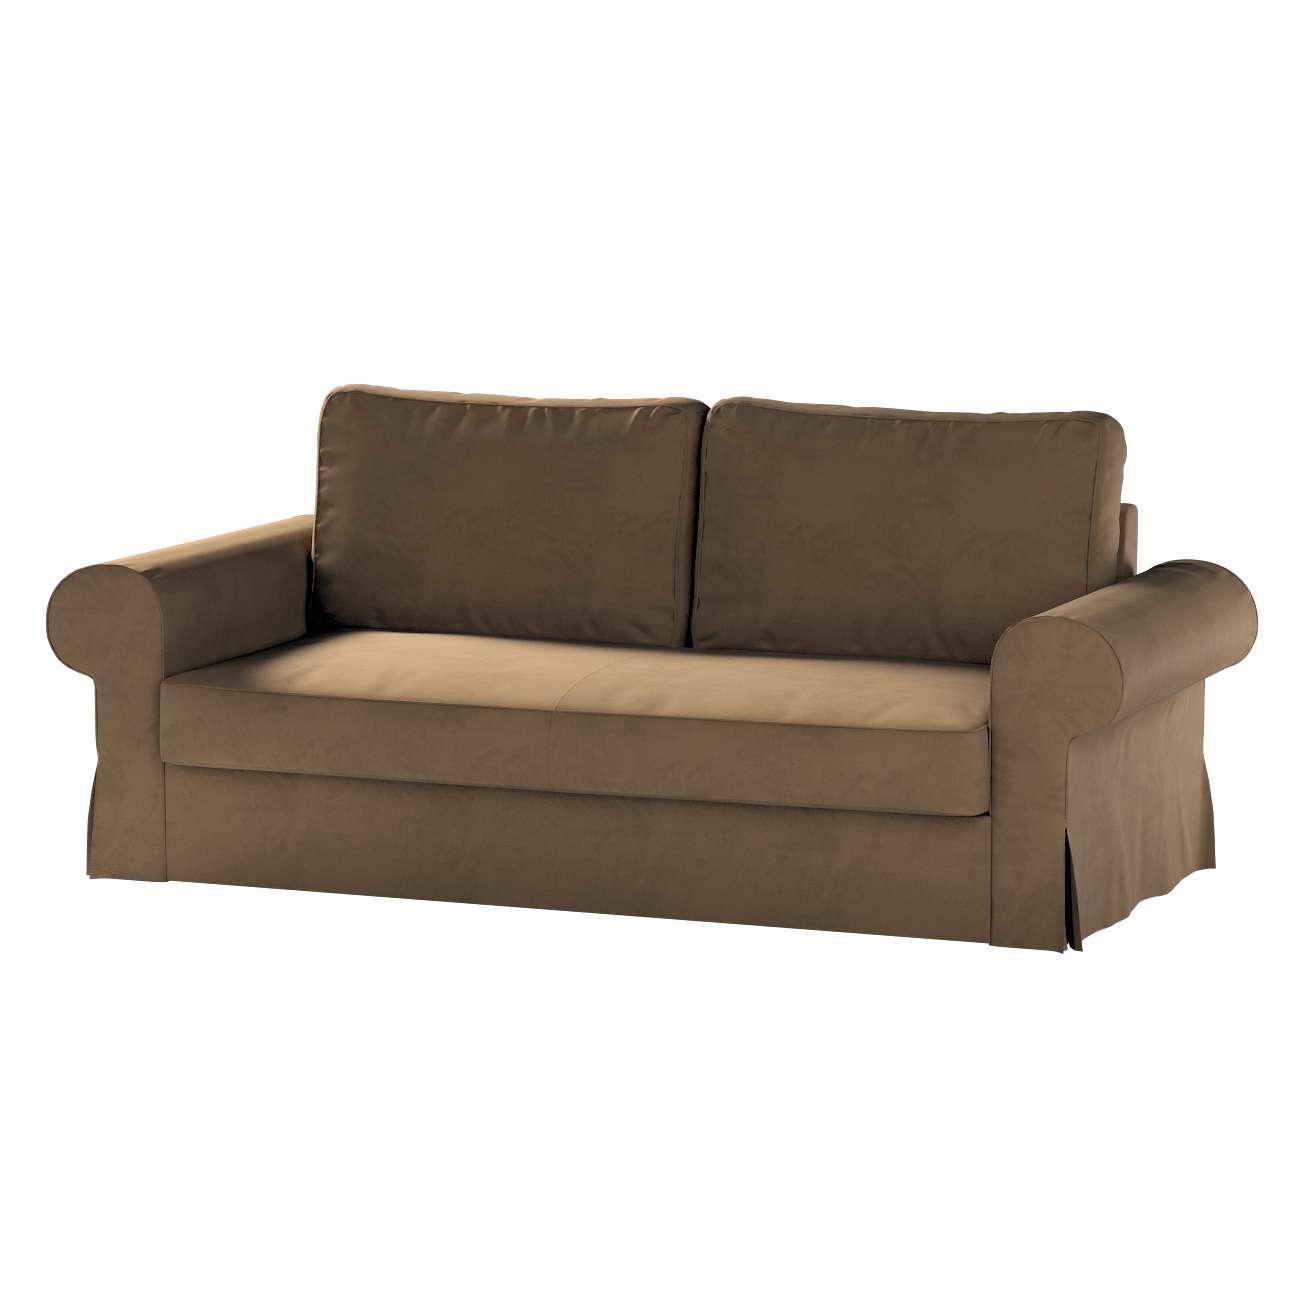 Bezug für Backabro 3-Sitzer Sofa ausklappbar von der Kollektion Living II, Stoff: 160-94